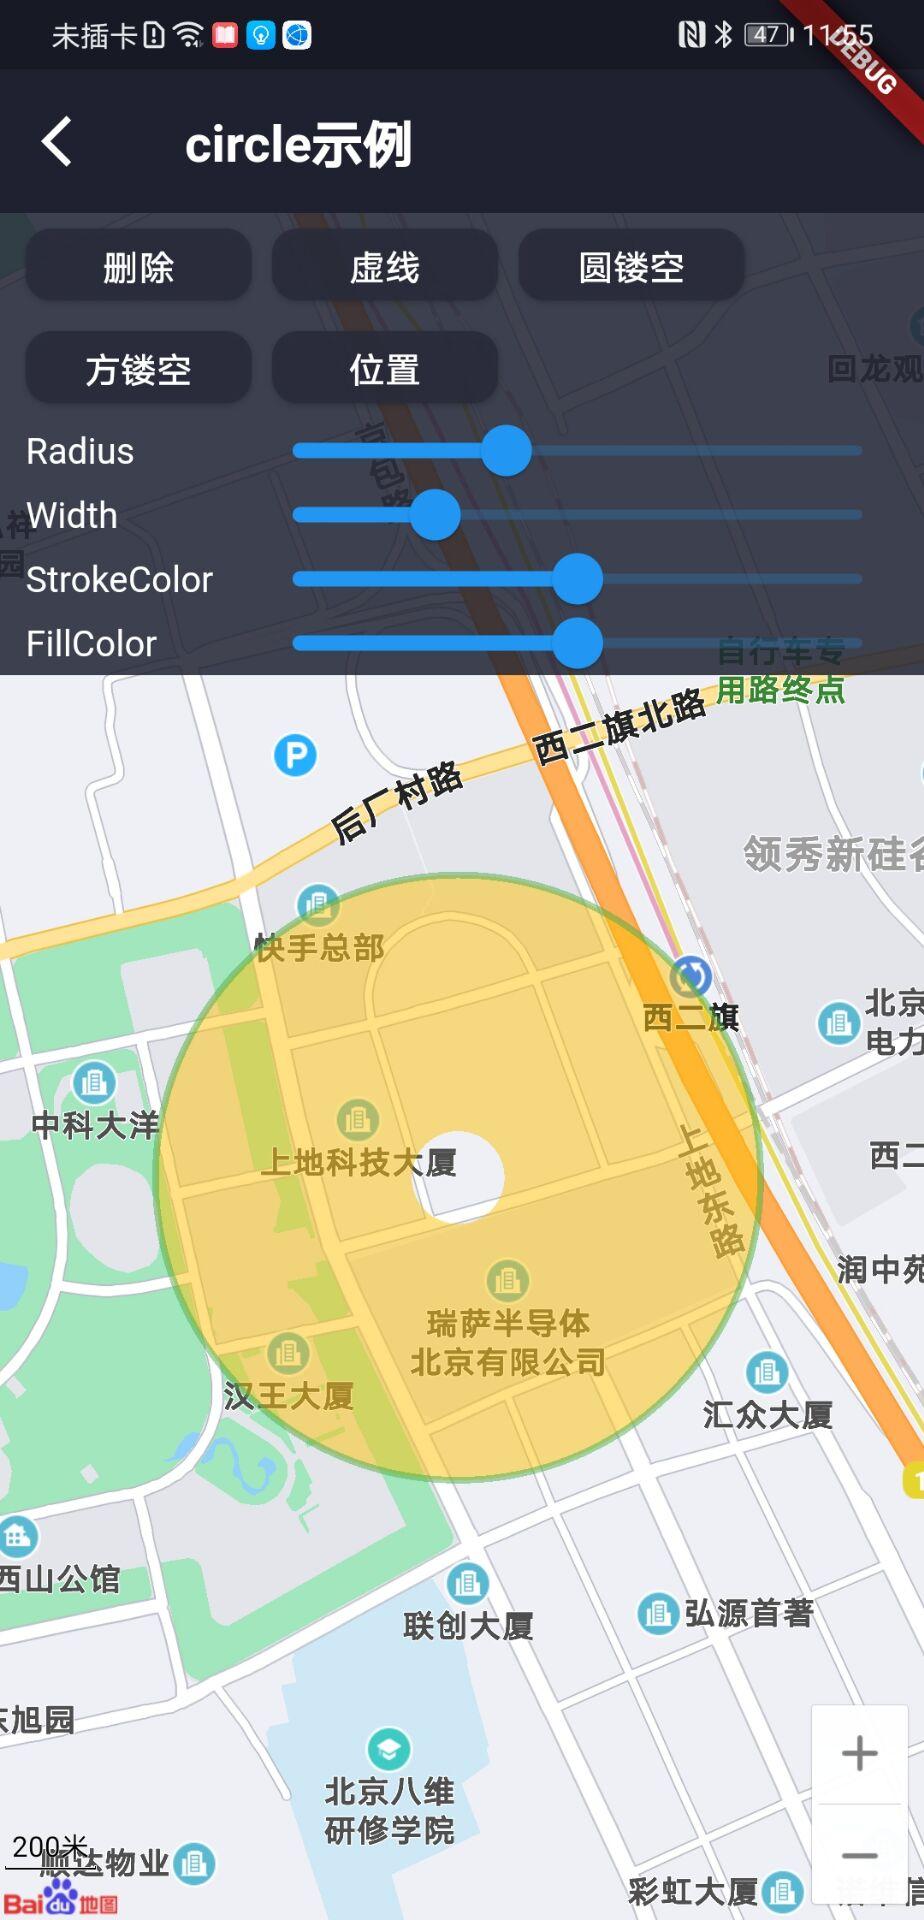 circleyuanloukong.jpg